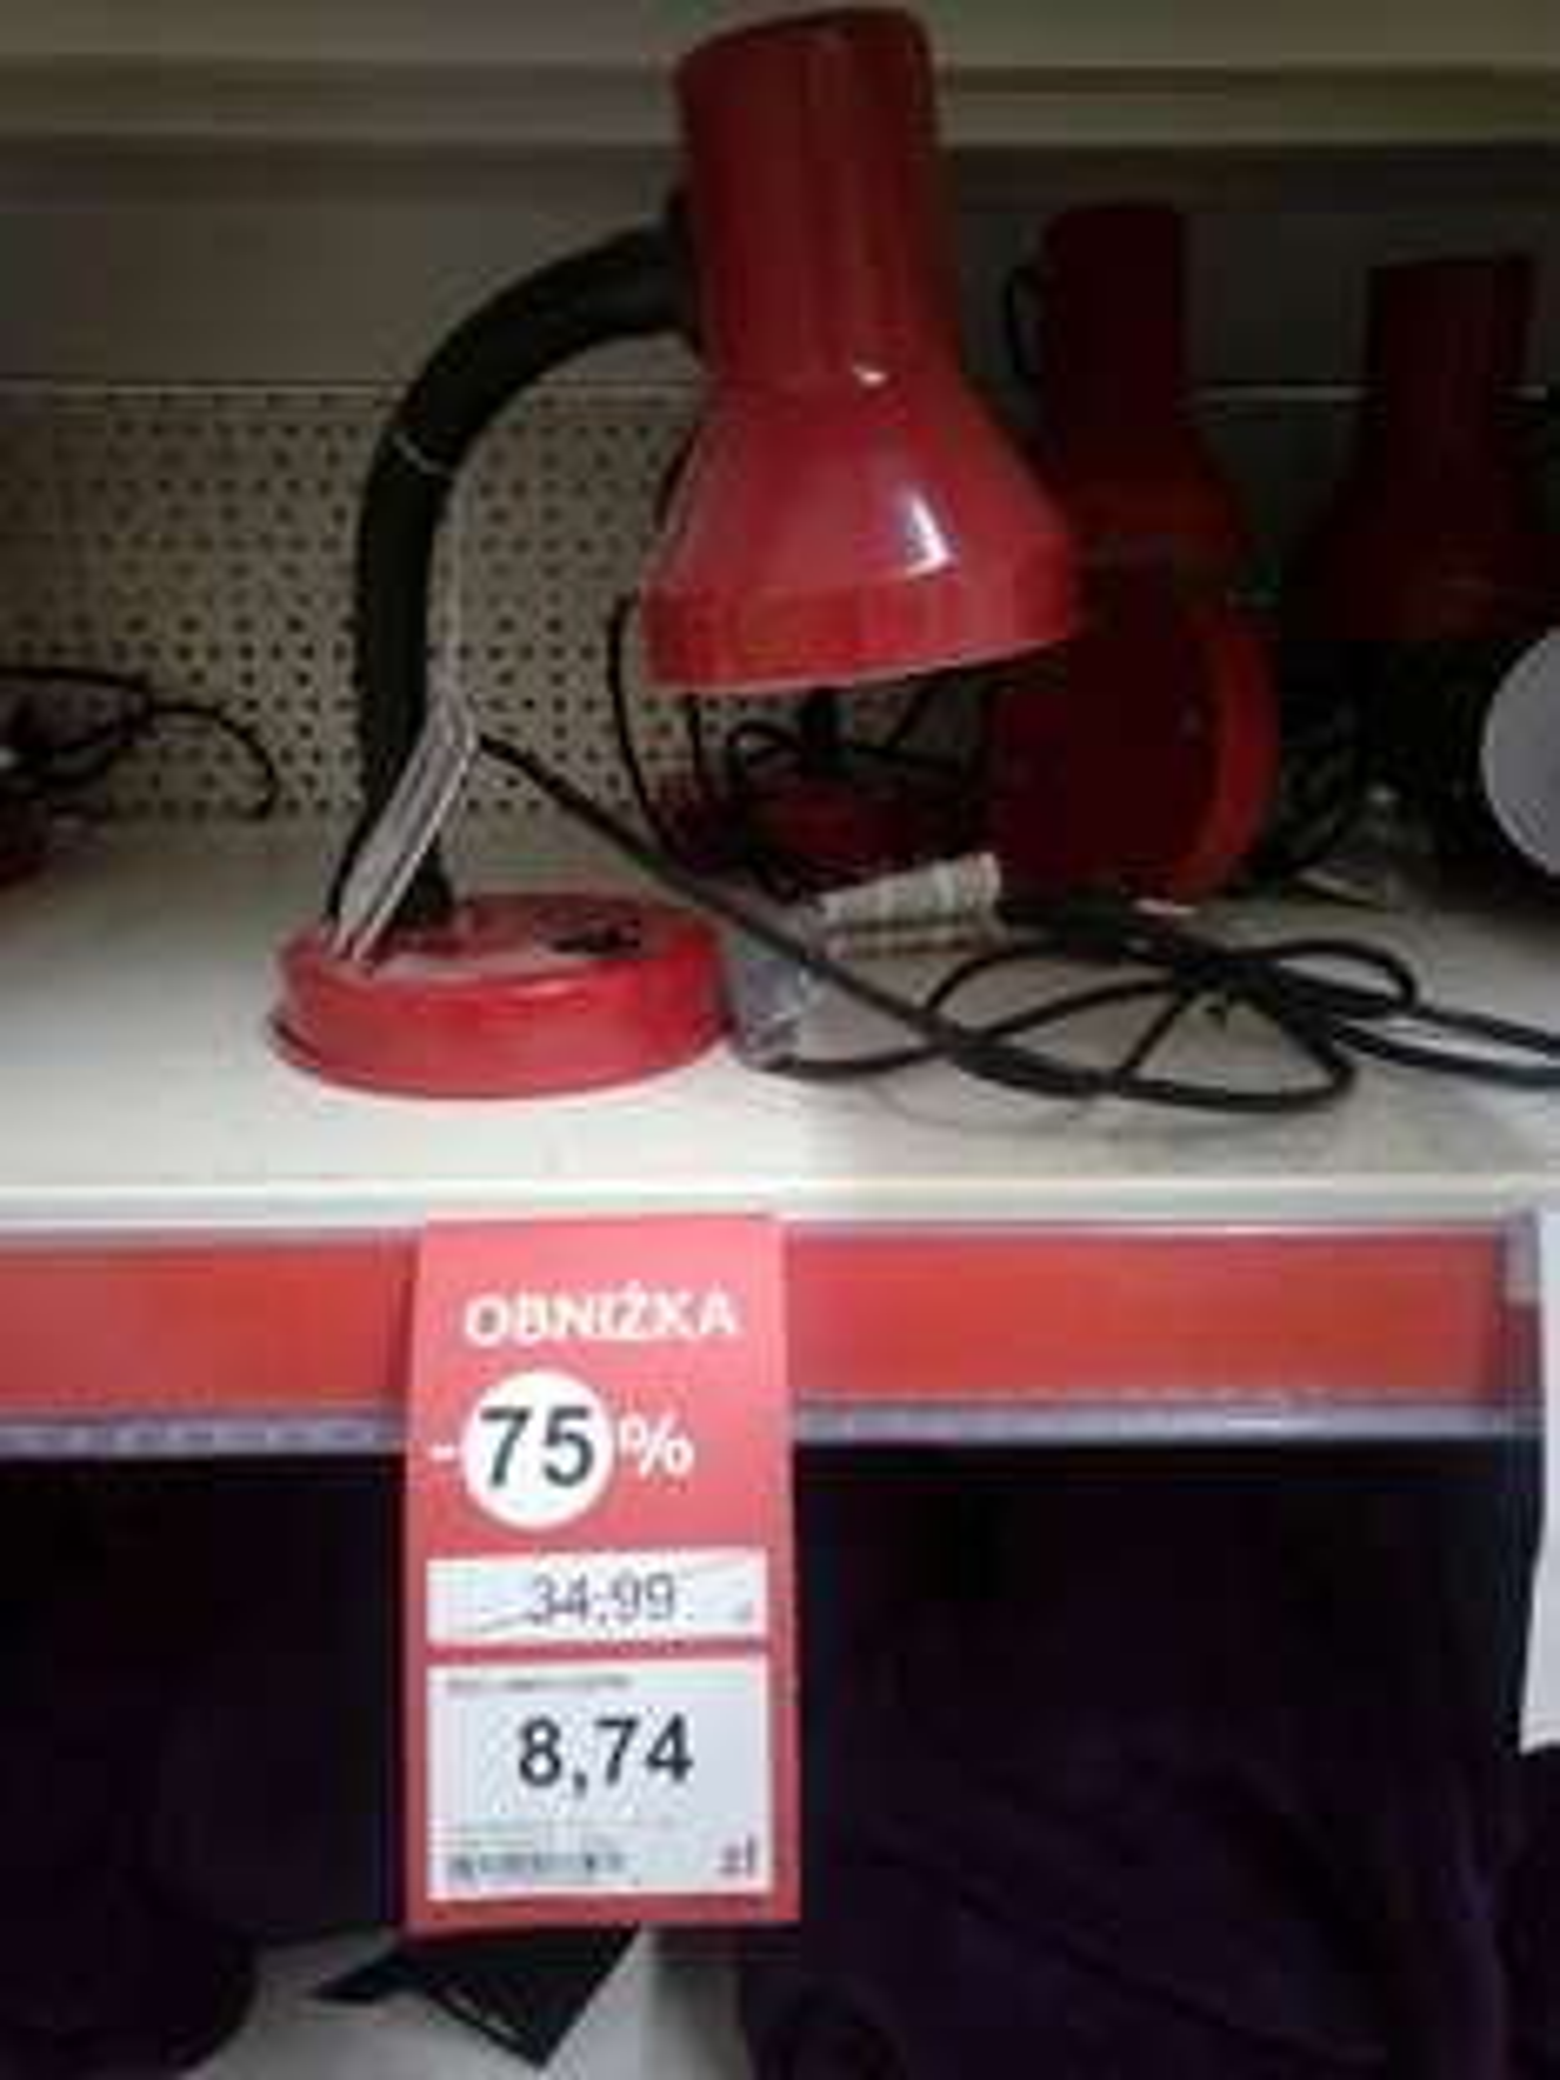 basic desk lamp Red lampa na biurko Tesco Poznań Opieńskiego 1